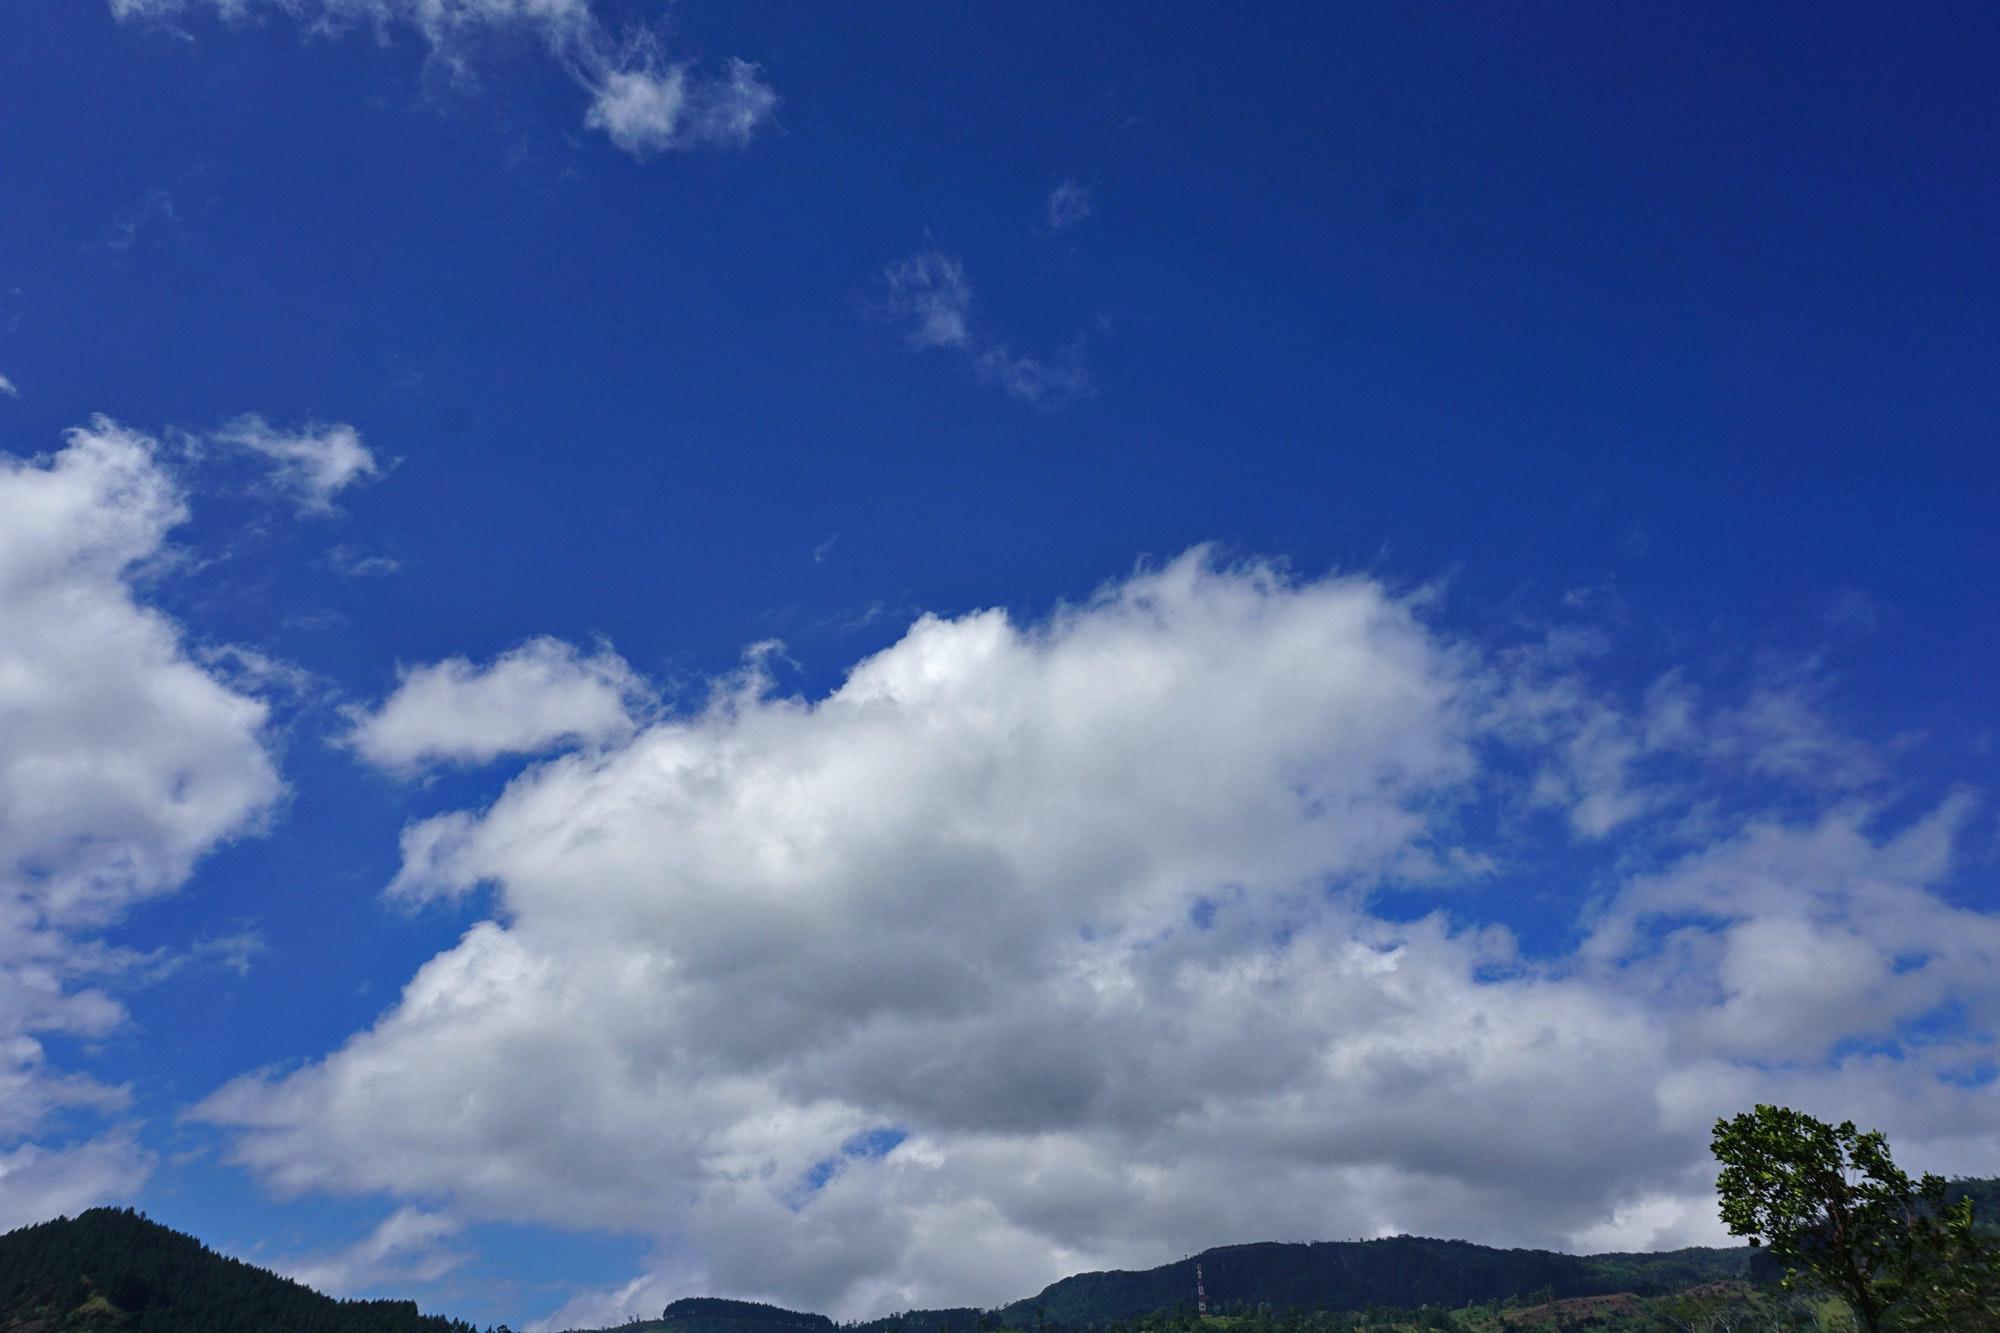 曇り空 雲 青空の無料の写真素材